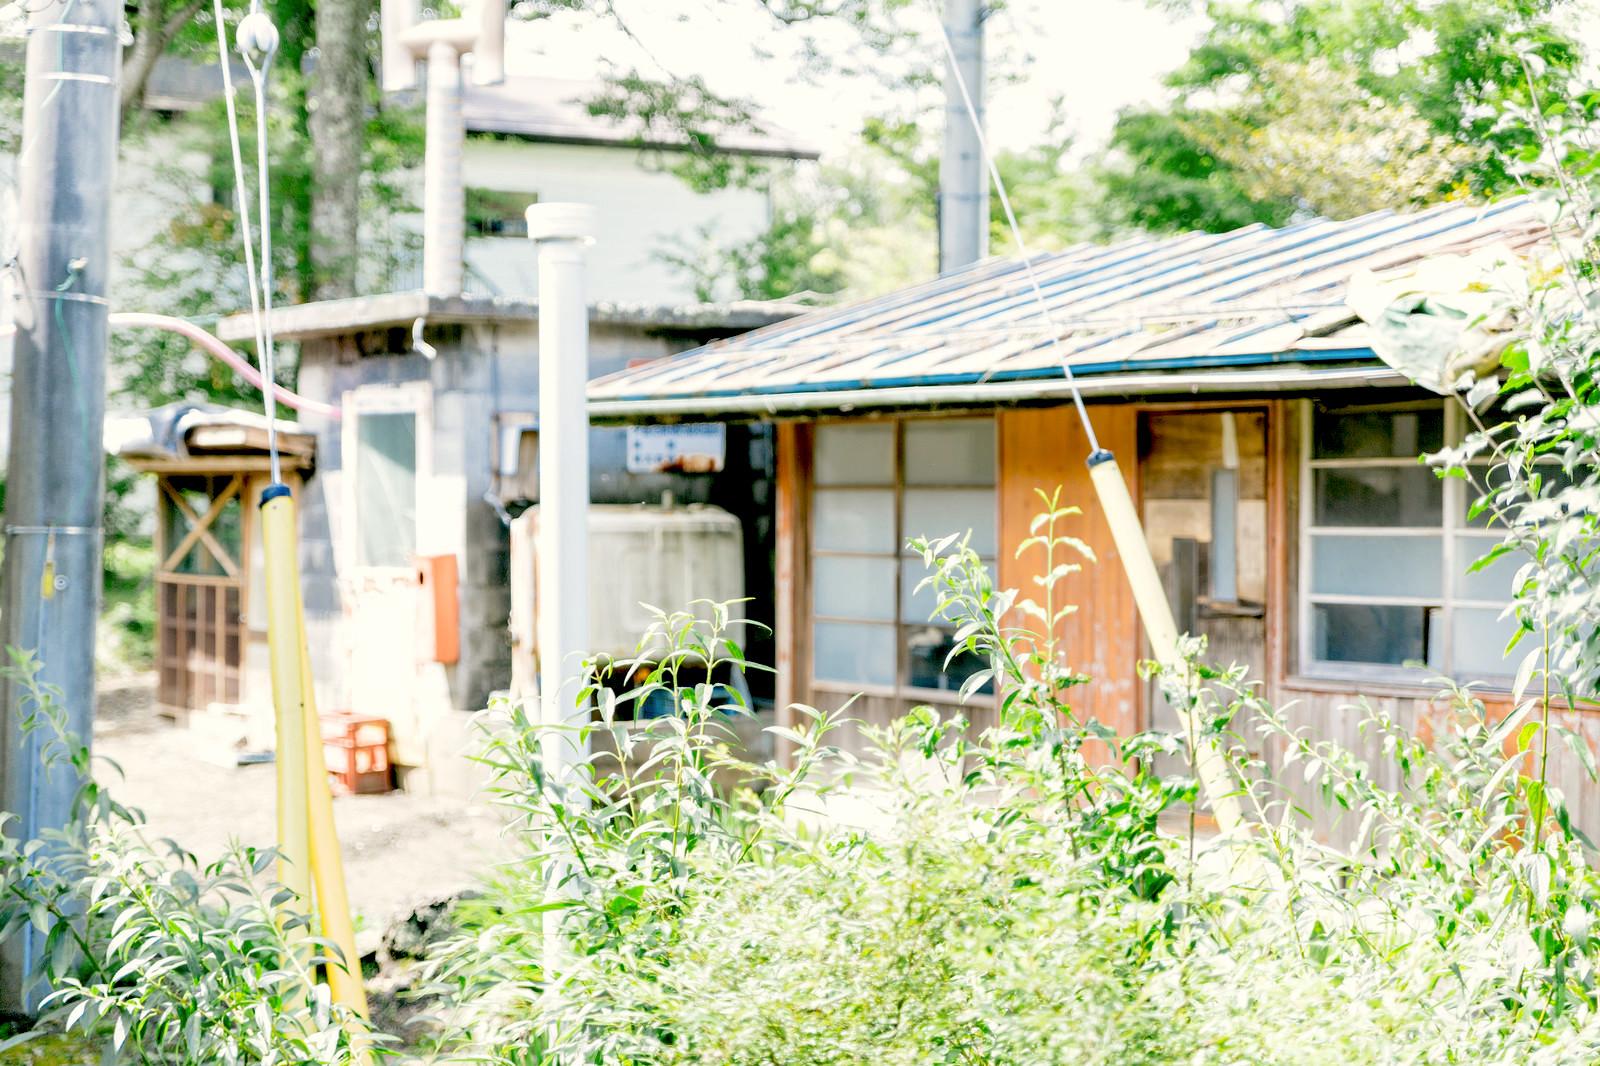 旅人保證迷路!日本「町名番地」住址系統到底怎麼看?!